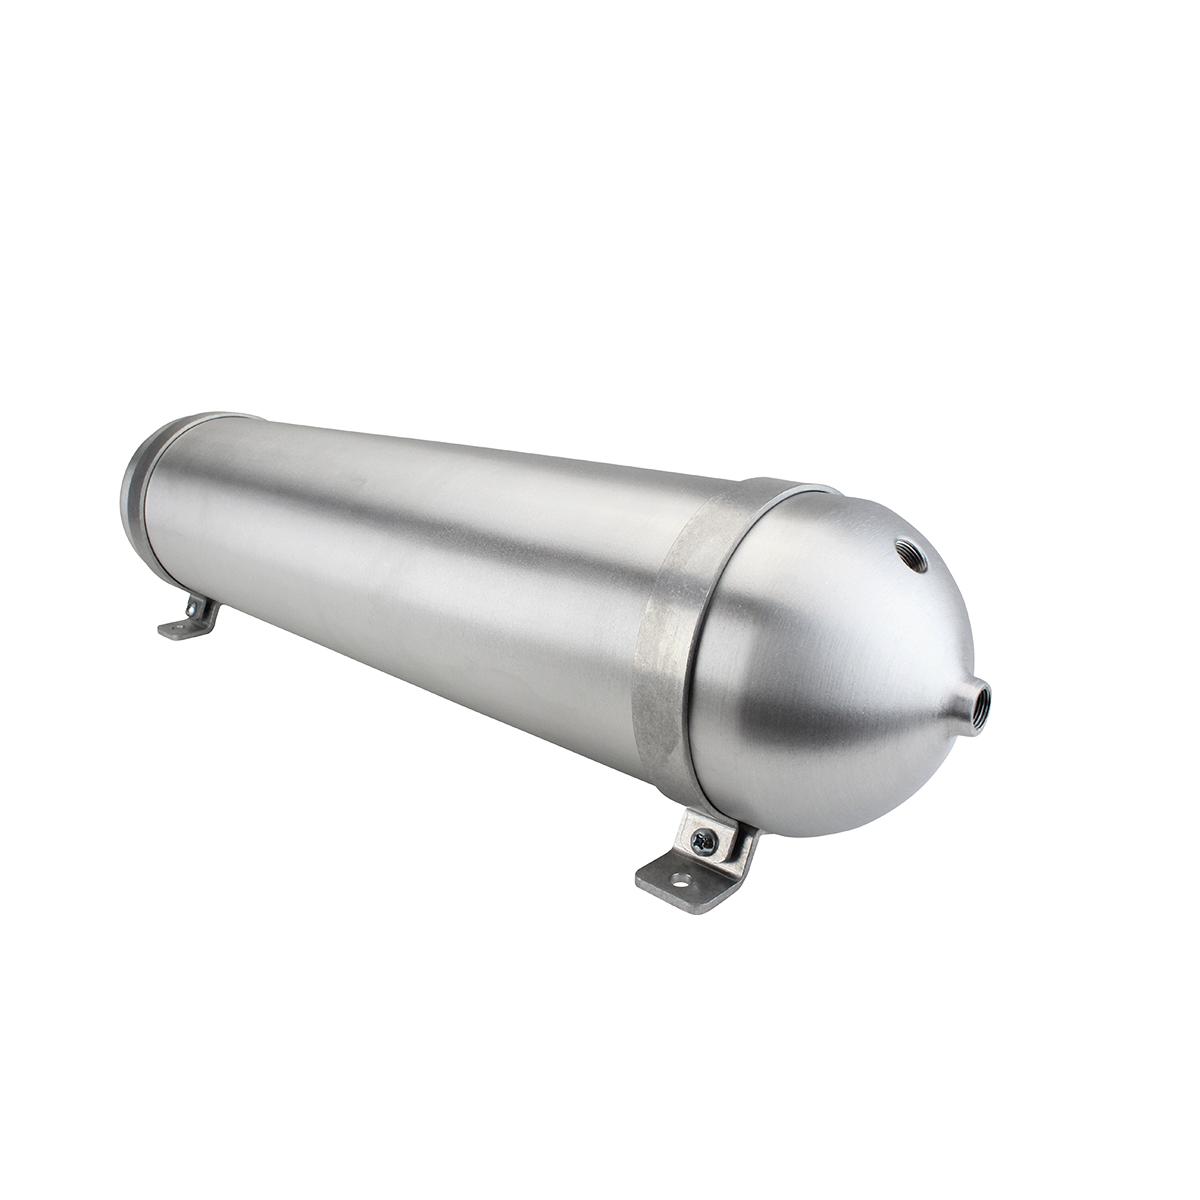 """SA528038-01 Seamless Tanks Aluminum Air Tank 28"""" Length 5.562"""" Diameter, (4) 3/8"""" Ports (1) 1/4"""" Port, 200psi Rated, Actual Volume 2.42 Gallons"""